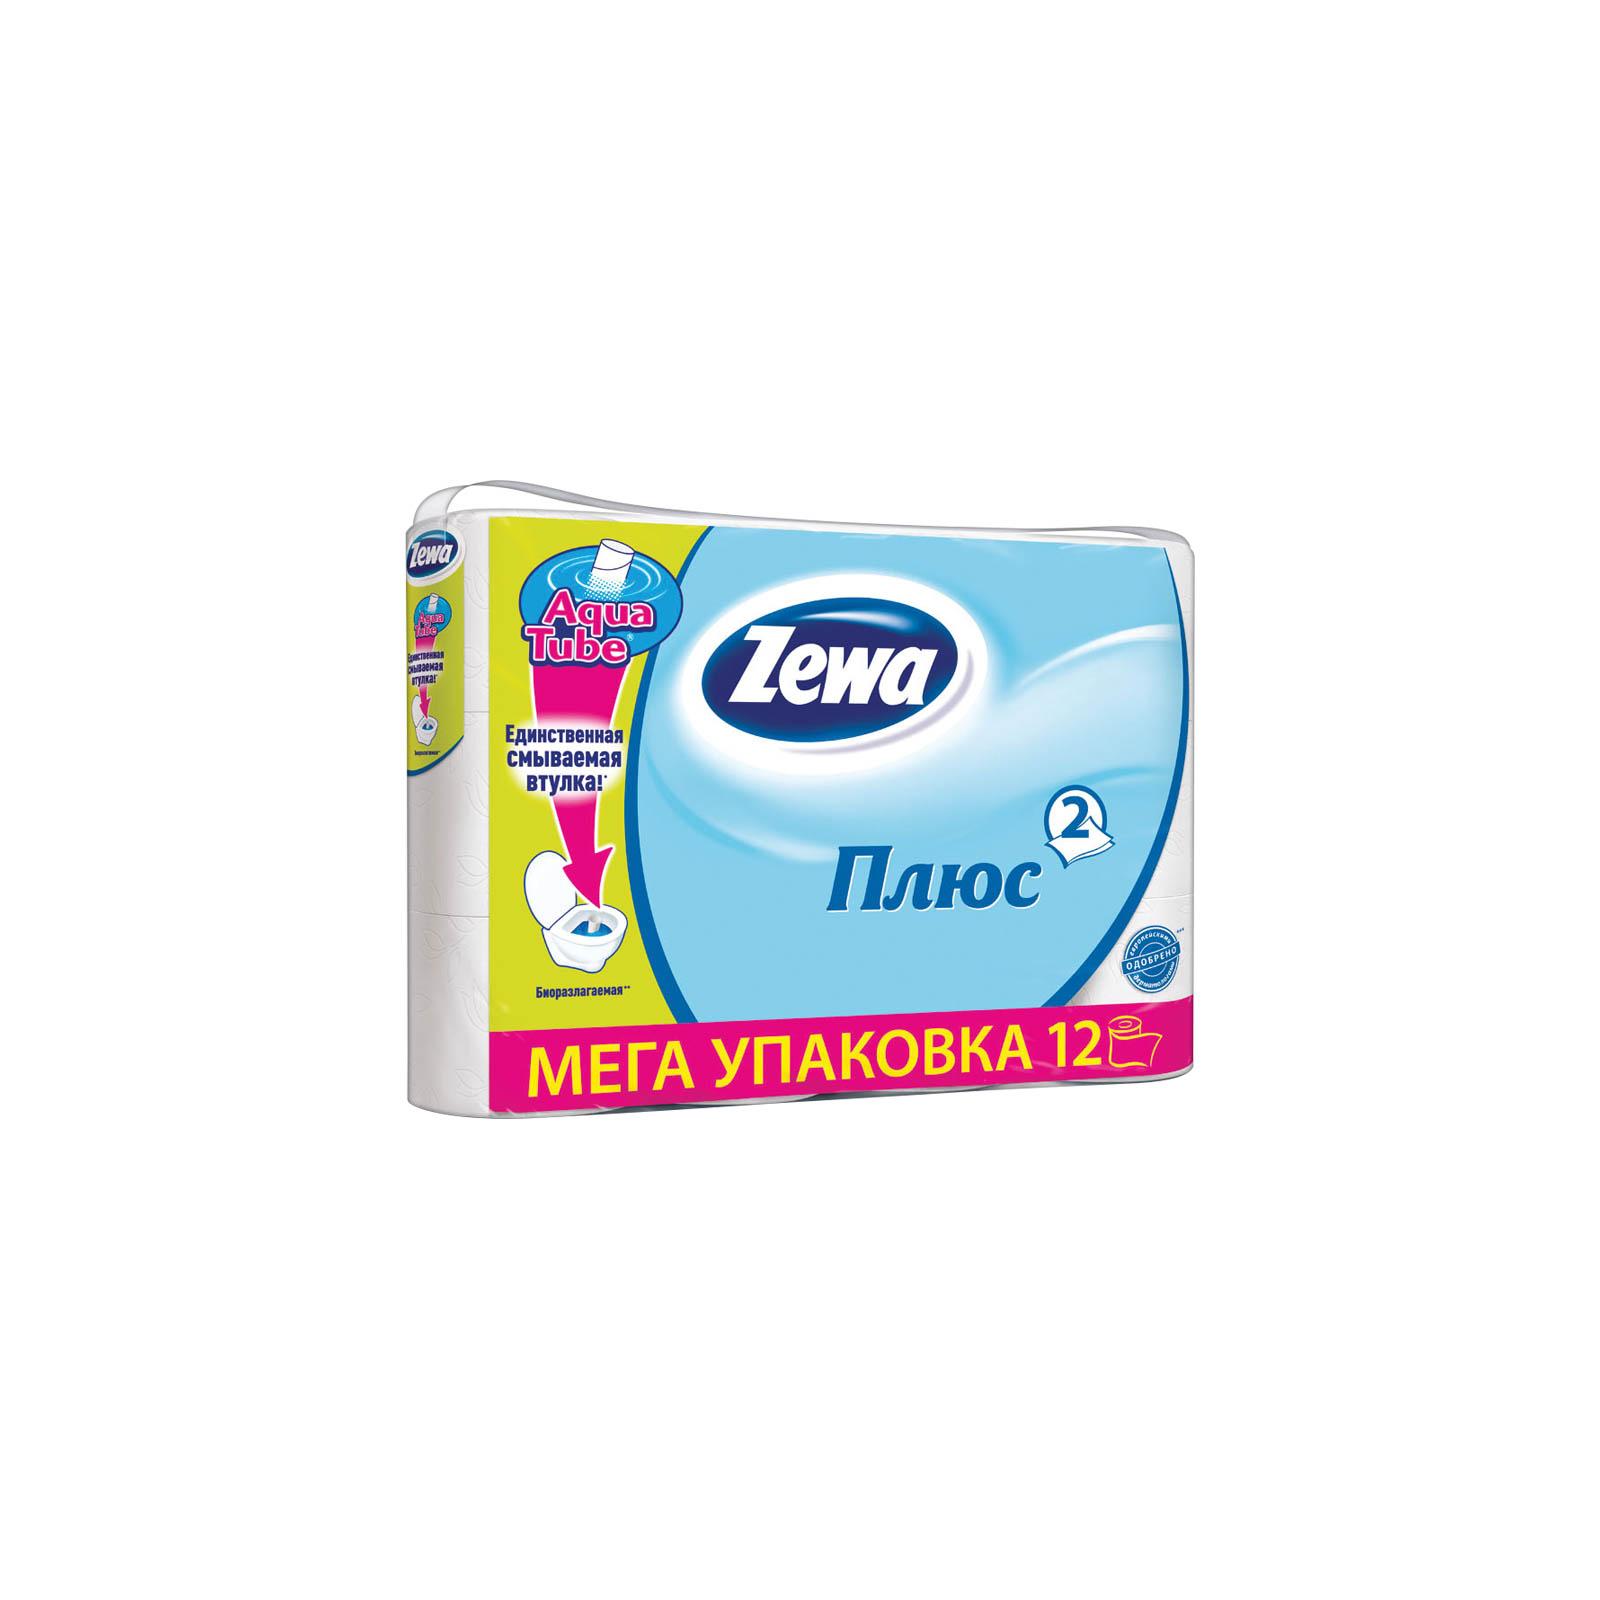 Туалетная бумага Zewa Plus 2-слойная Белая 12 шт (7322540508529)